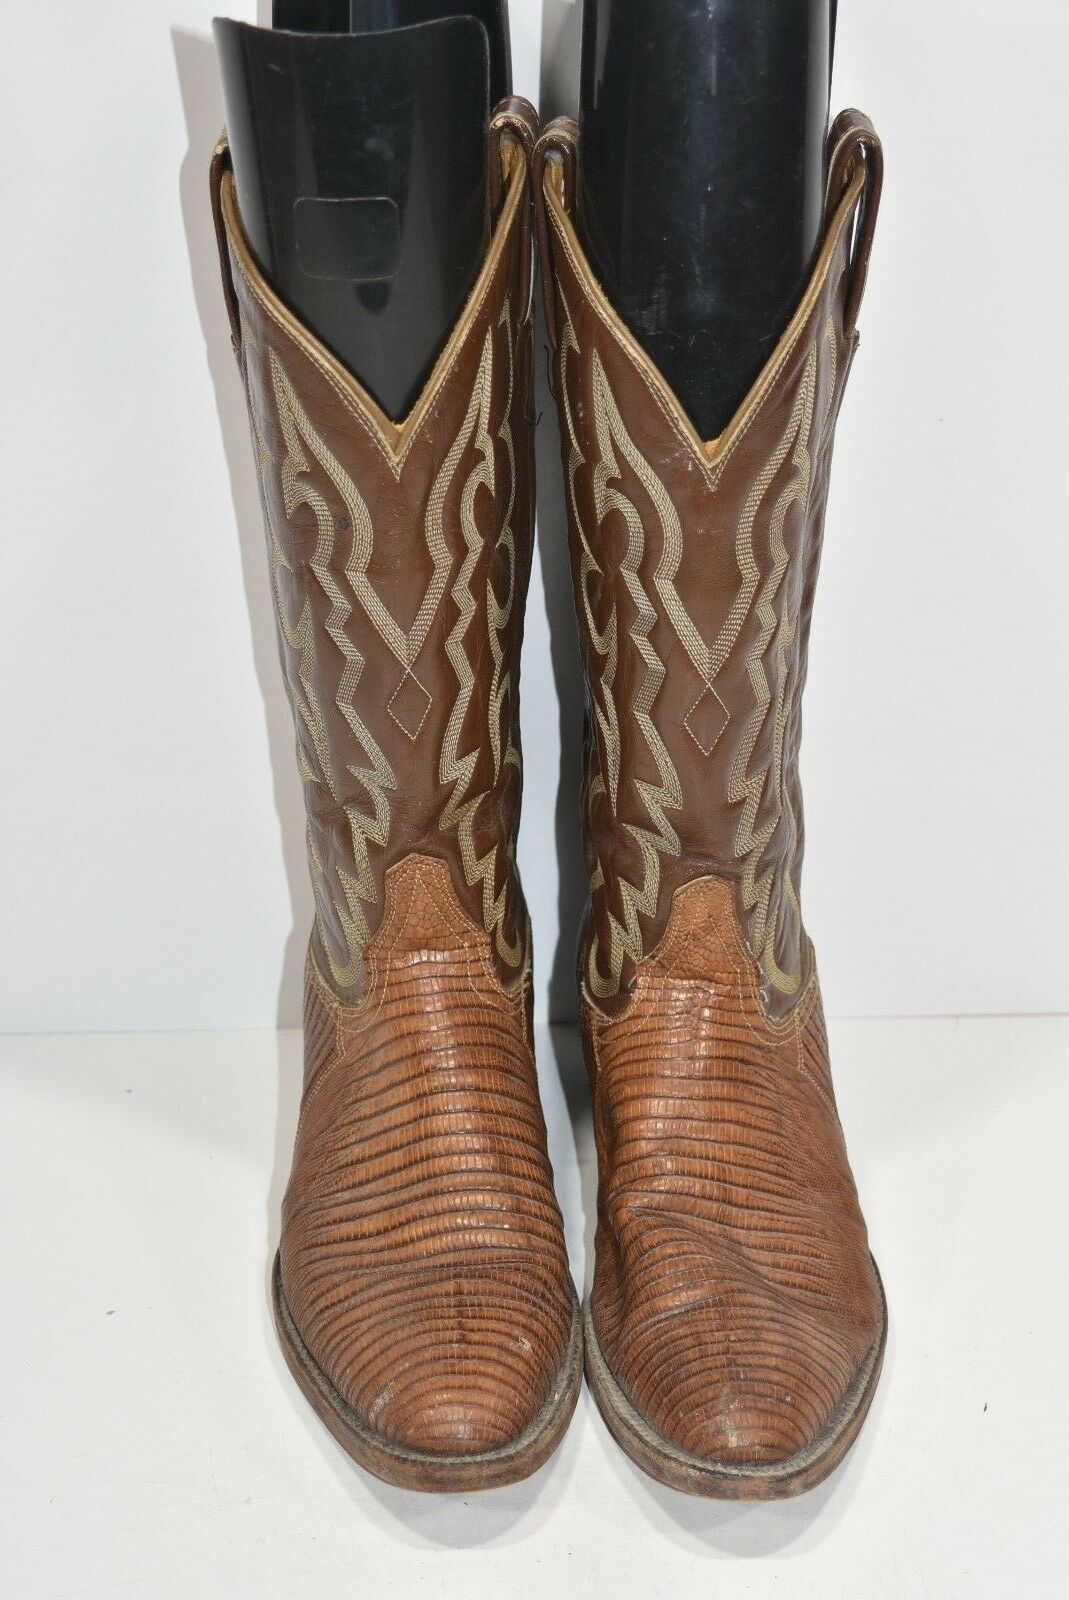 Tony Lama 7.5 B Teju lagarto Marrón Cuero Cuero Marrón Clásico botas de vaquero occidental Ropers ba064f